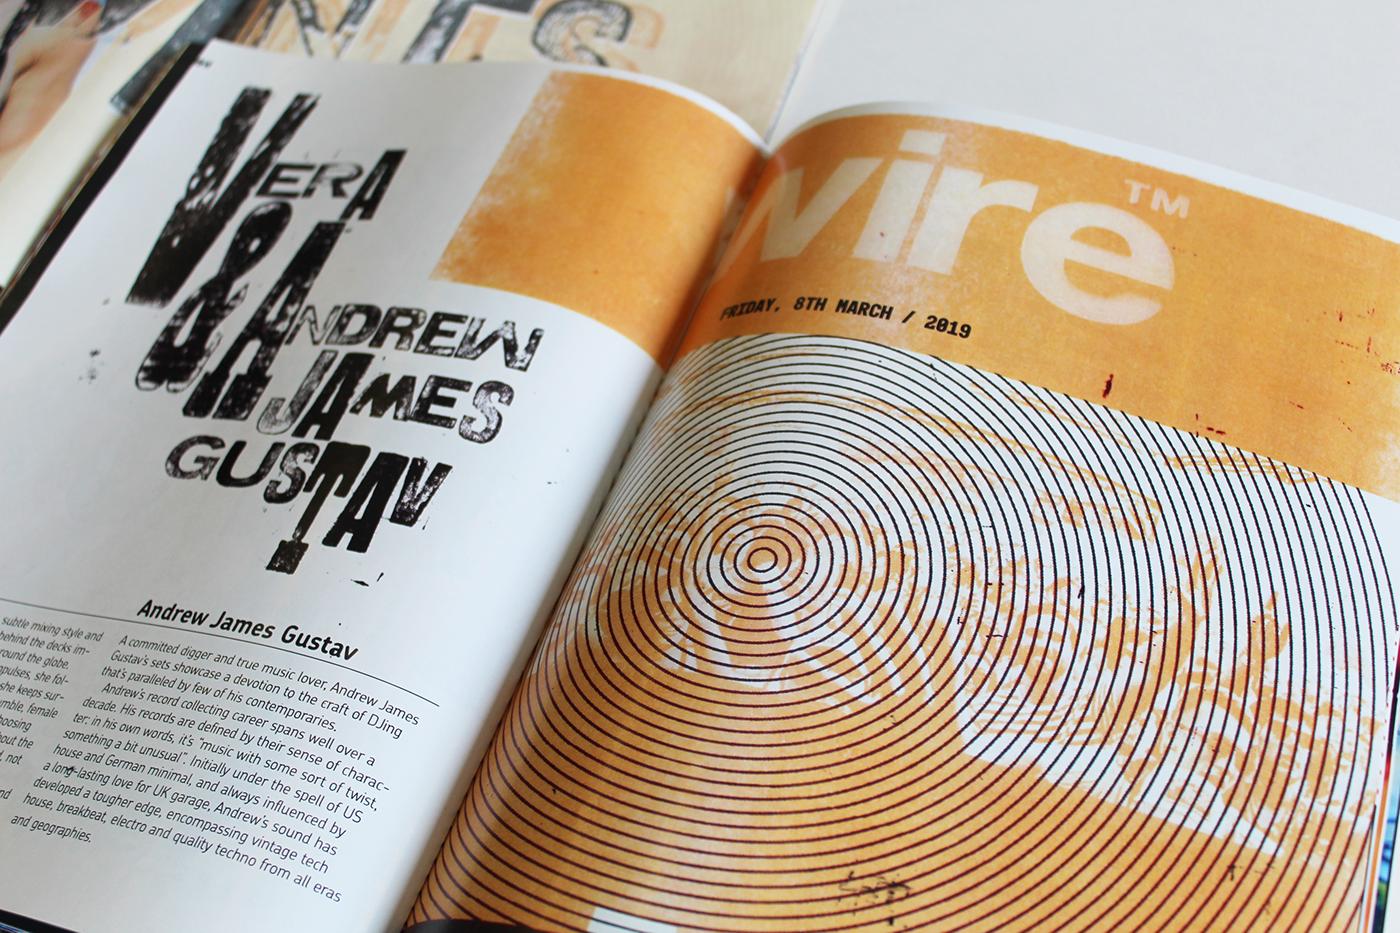 Wire (DJ) Magazine.